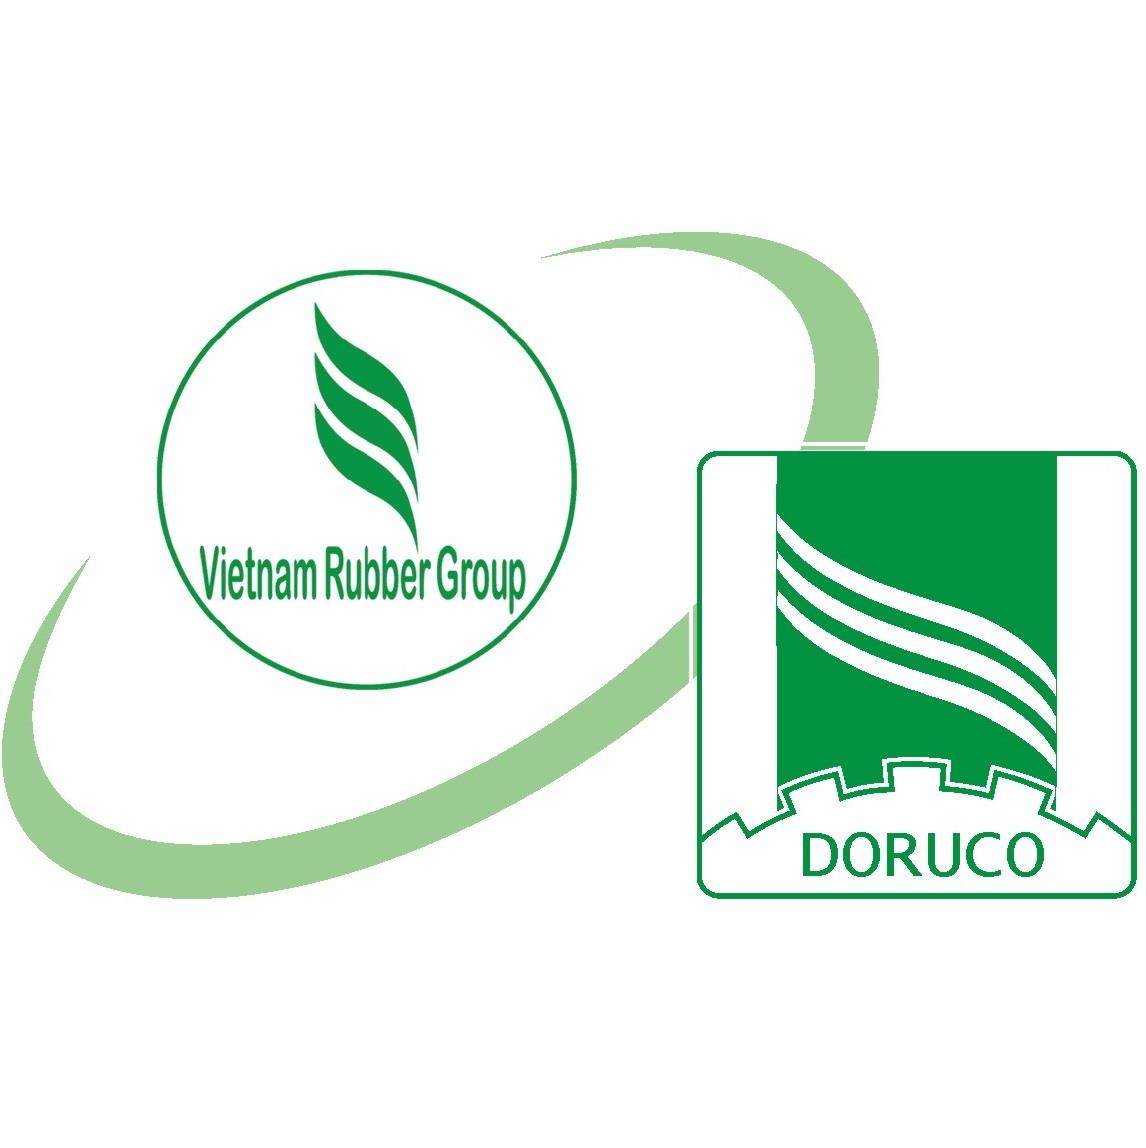 DPR: Thông báo ngày ĐKCC thực hiện quyền nhận cổ tức bằng tiền mặt